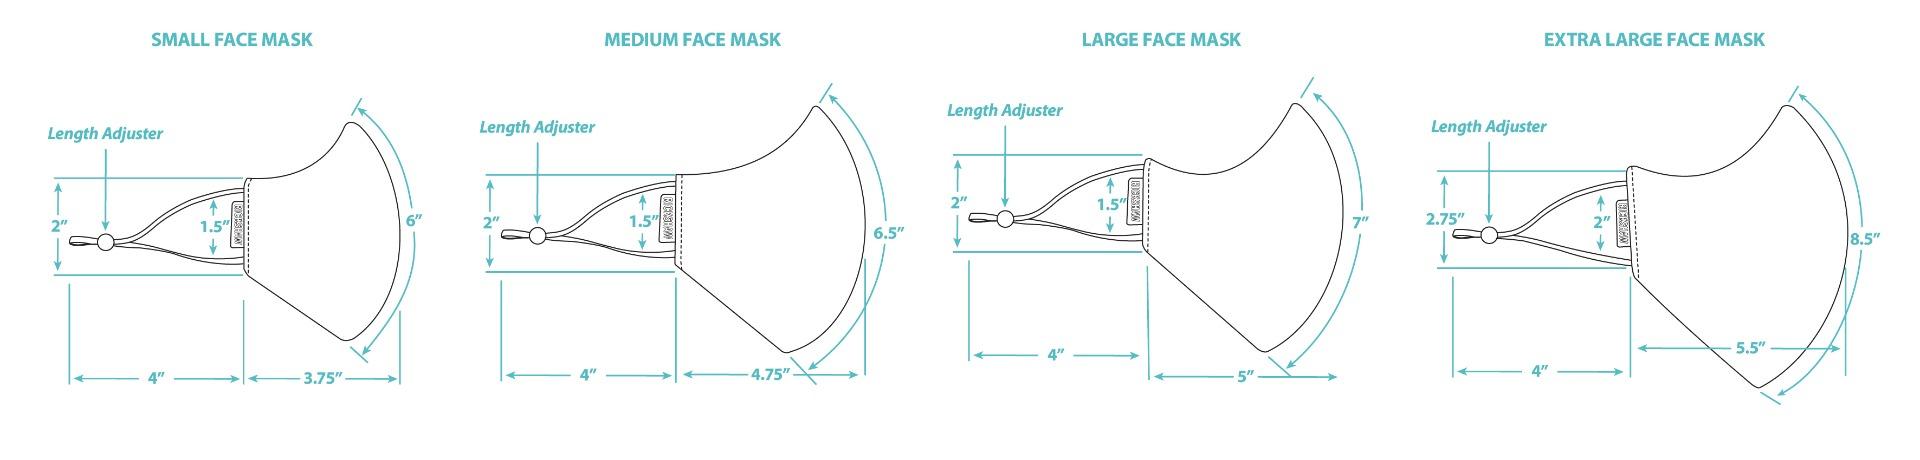 Mask Sizing